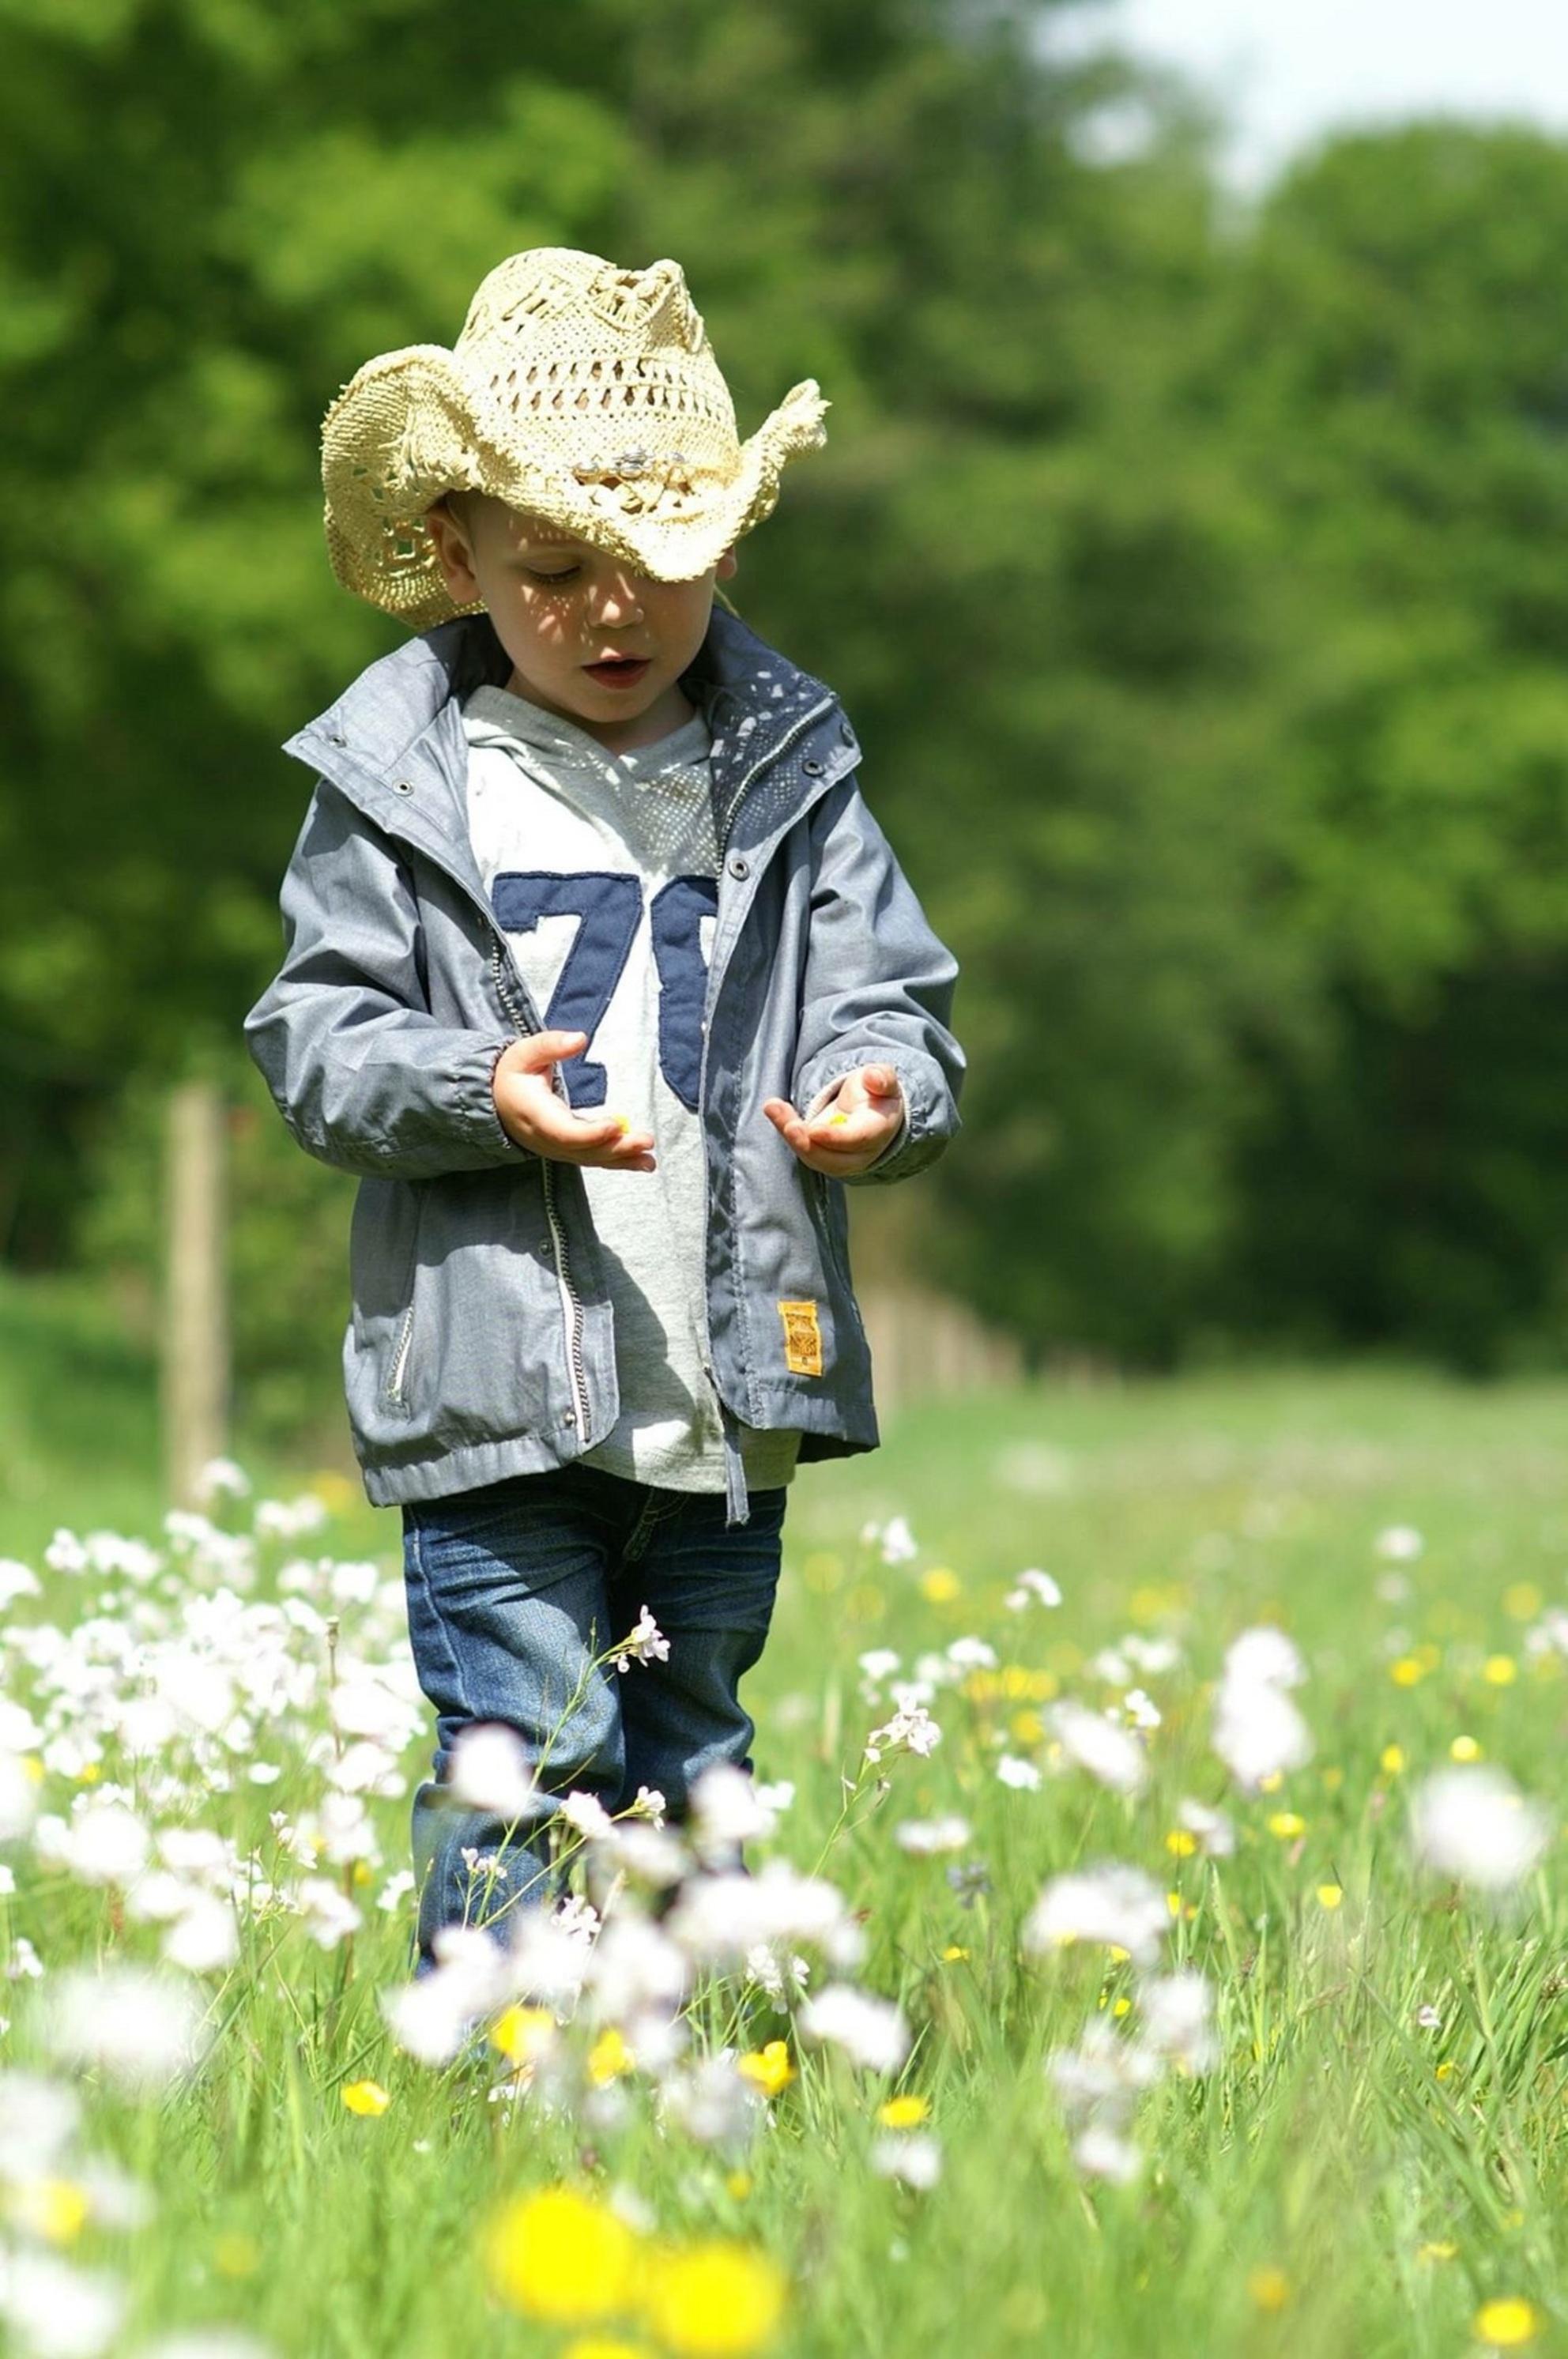 Elke dag is een mooie dag - mijn 3 jarige neefje , weet wel wat die mooi vind. Bloemen ! Heel veel bloemen ! - foto door MMMtimmermanfotografie op 29-05-2015 - deze foto bevat: groen, zon, bloem, lente, natuur, geel, licht, bos, voorjaar, nederland